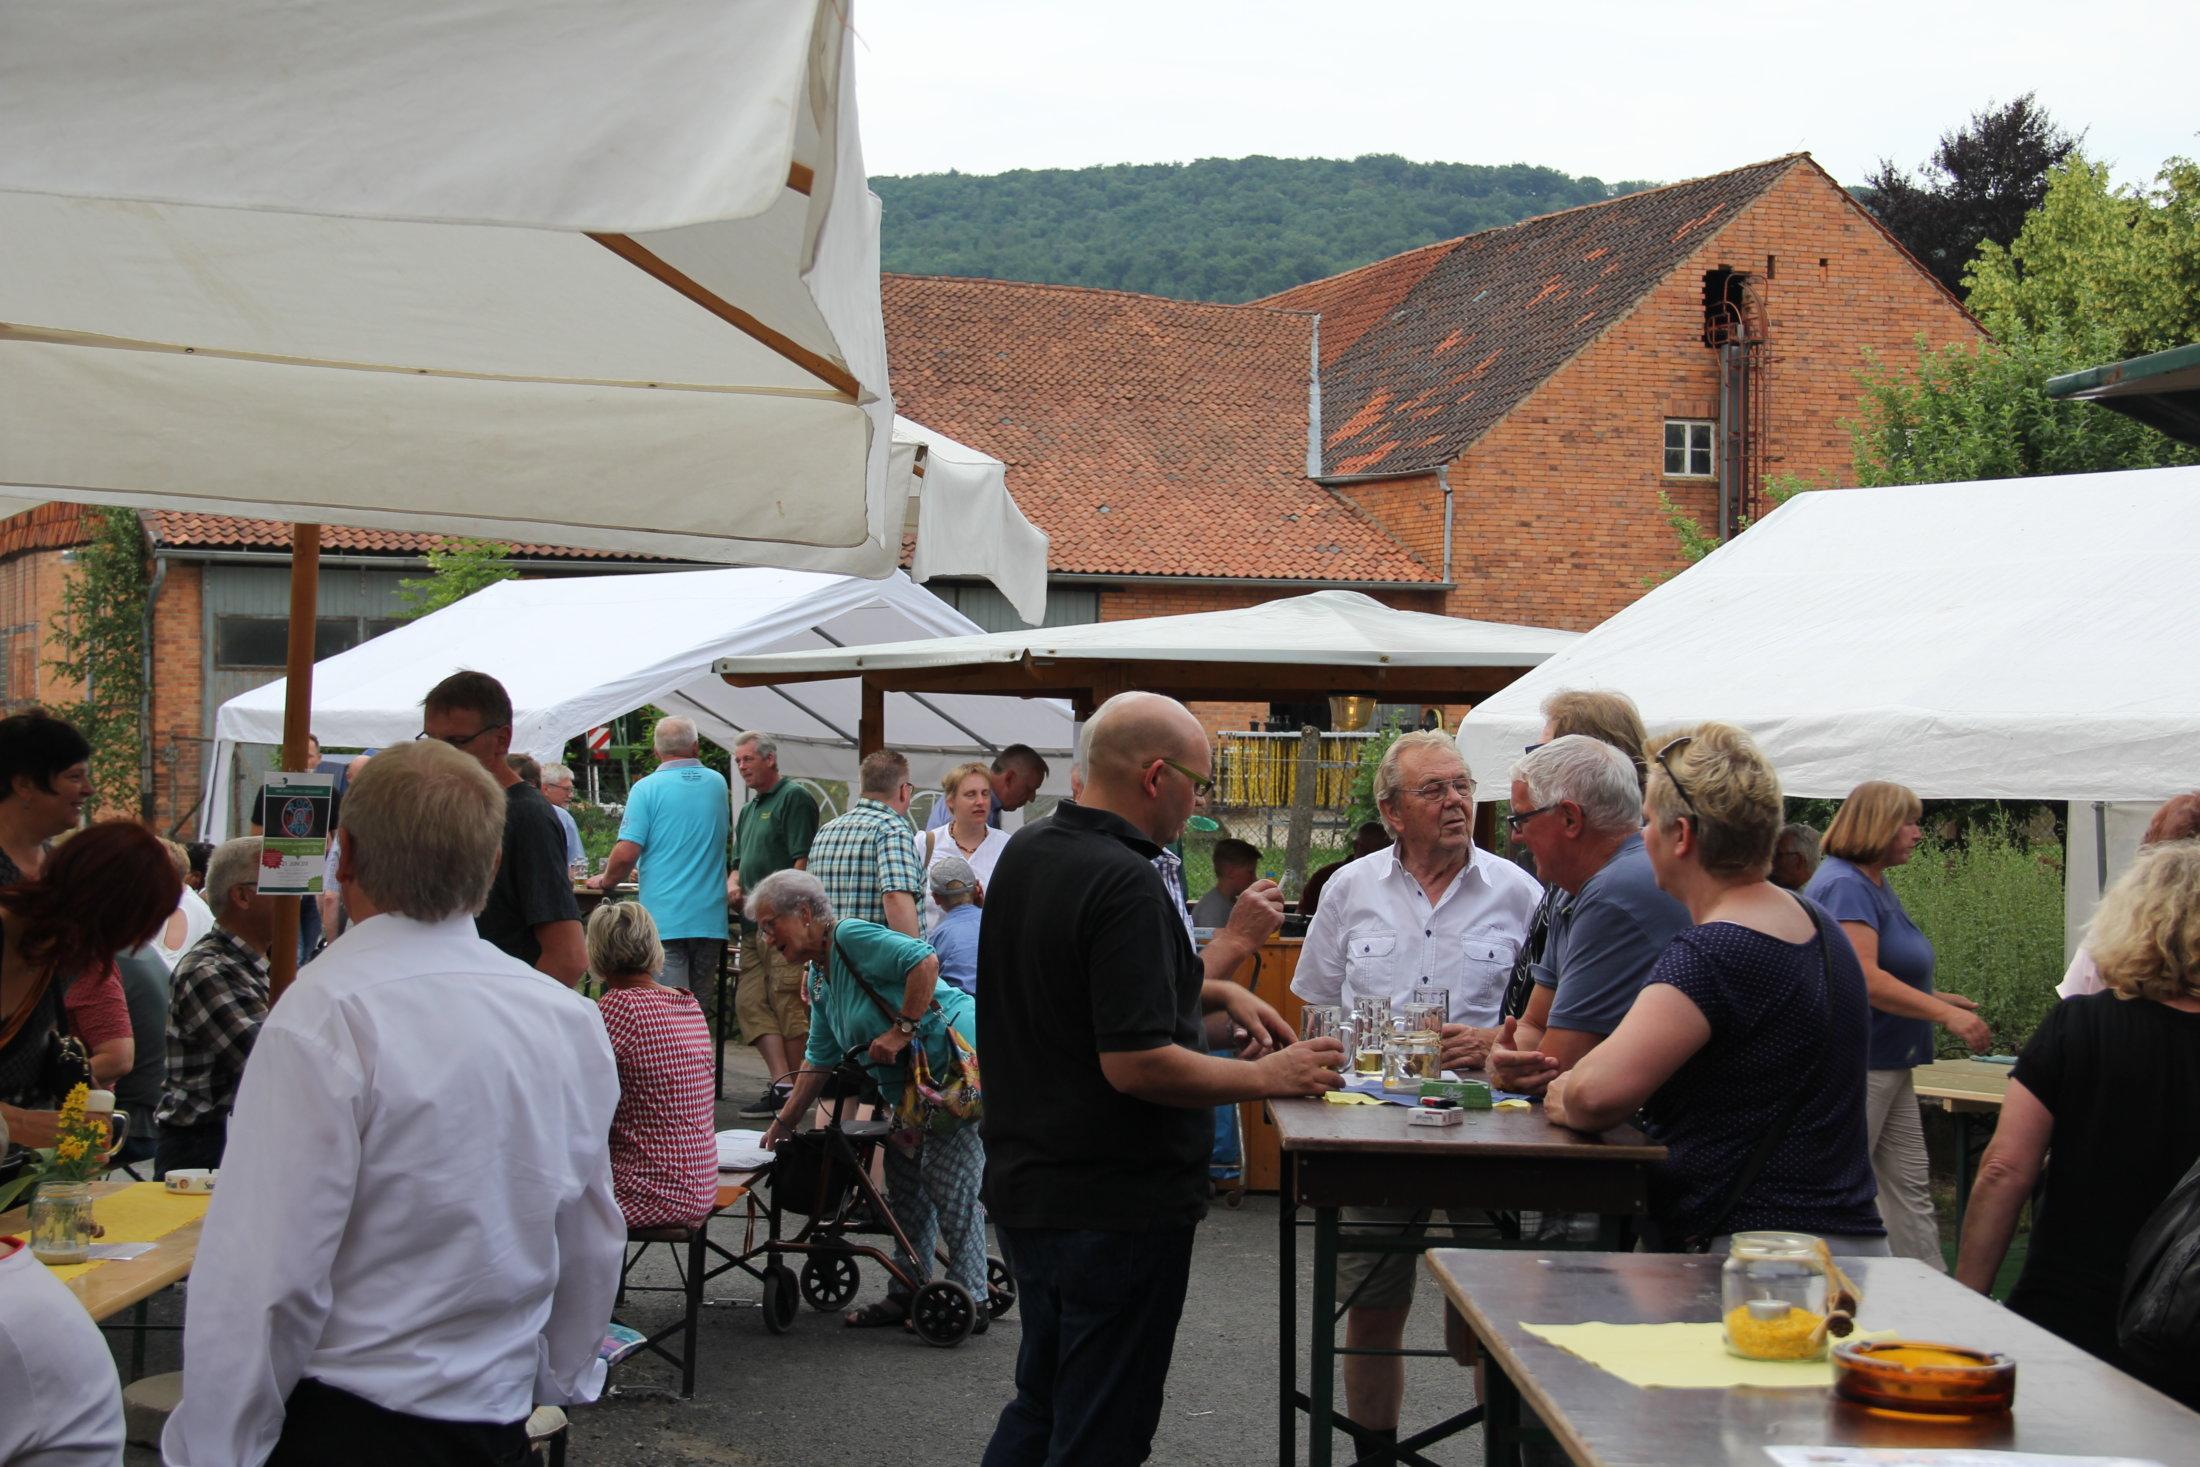 09.06.2018: Mühlenfest